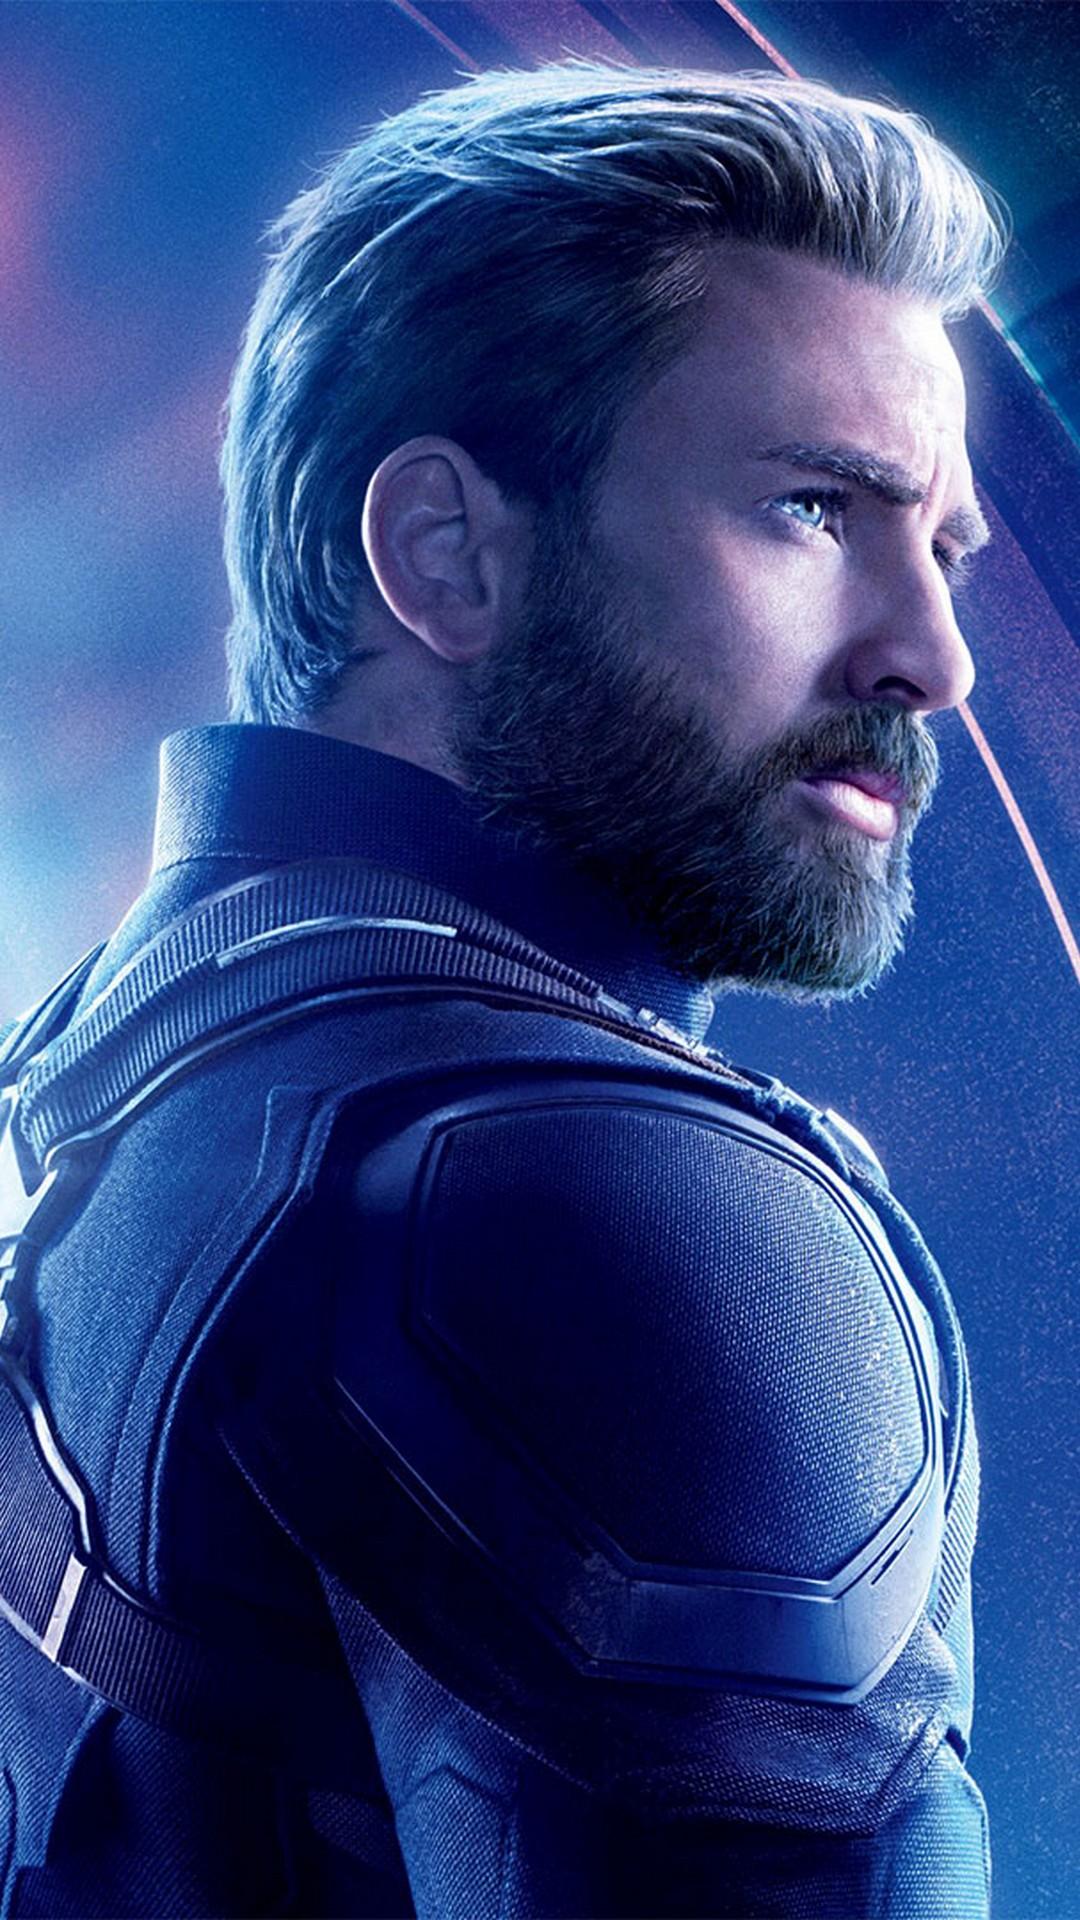 21+ Captain Marvel Endgame Wallpapers on WallpaperSafari